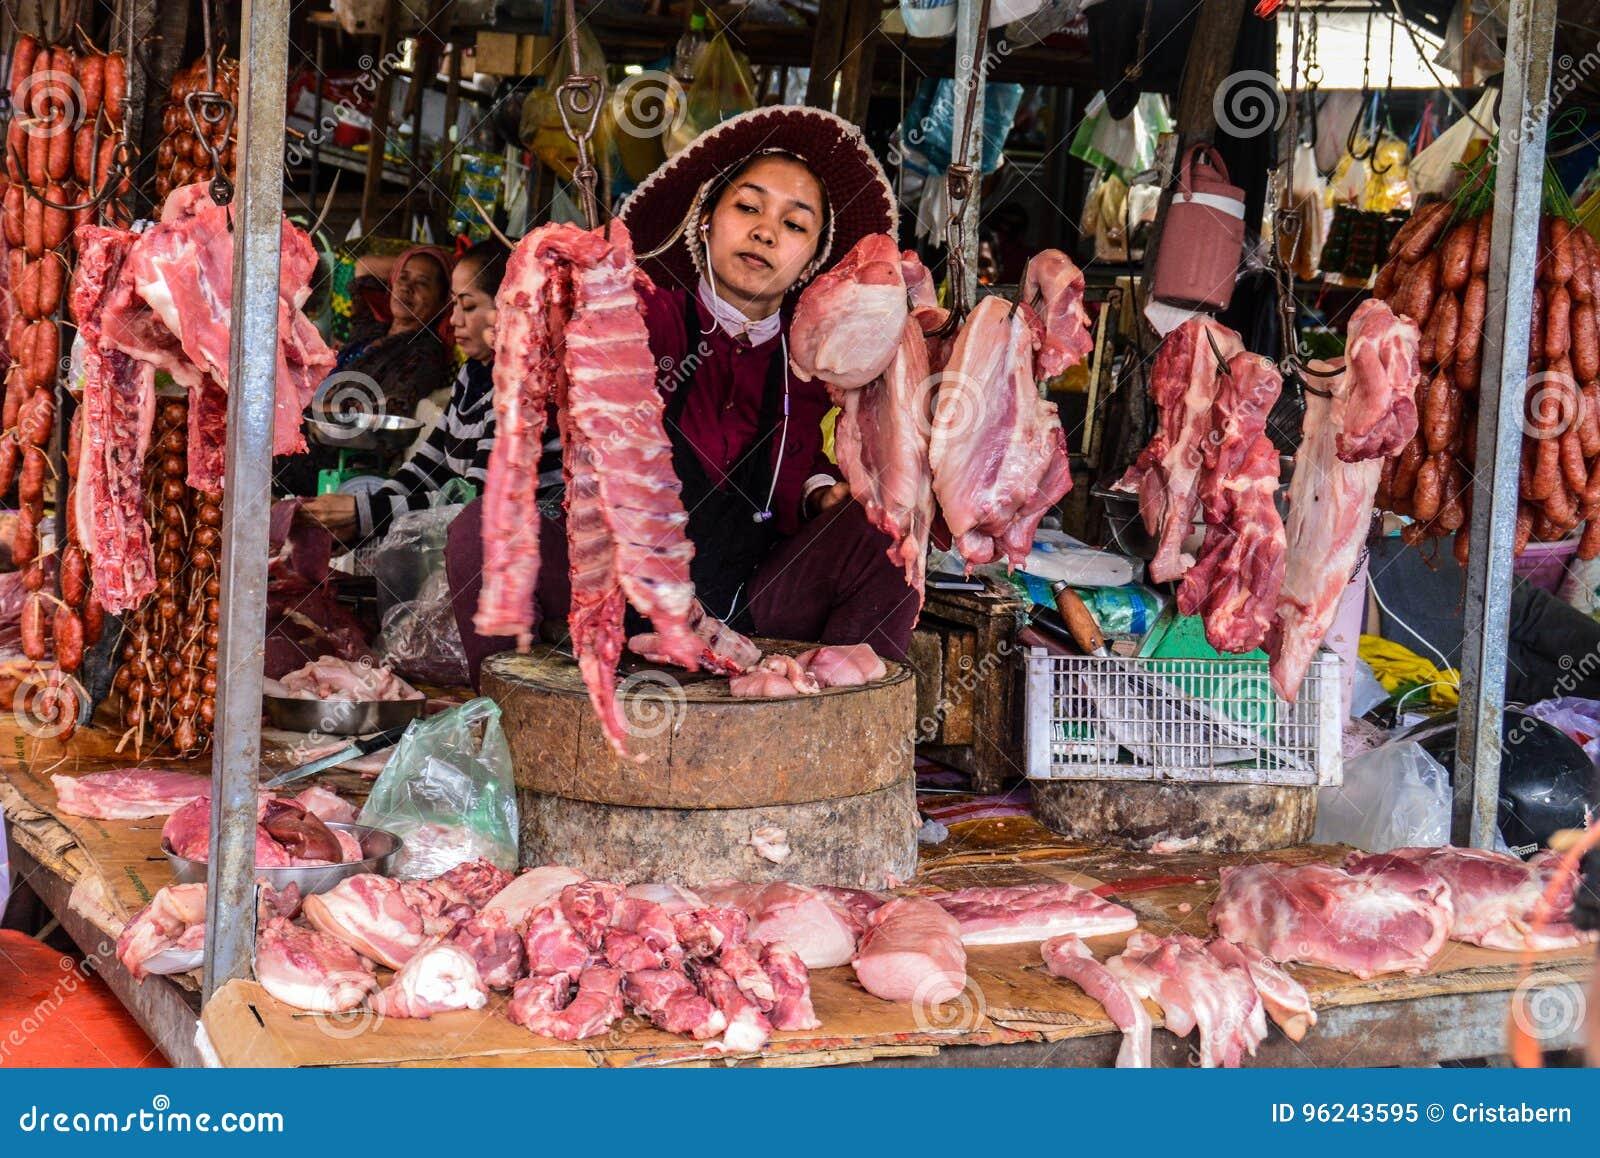 Asian market meat